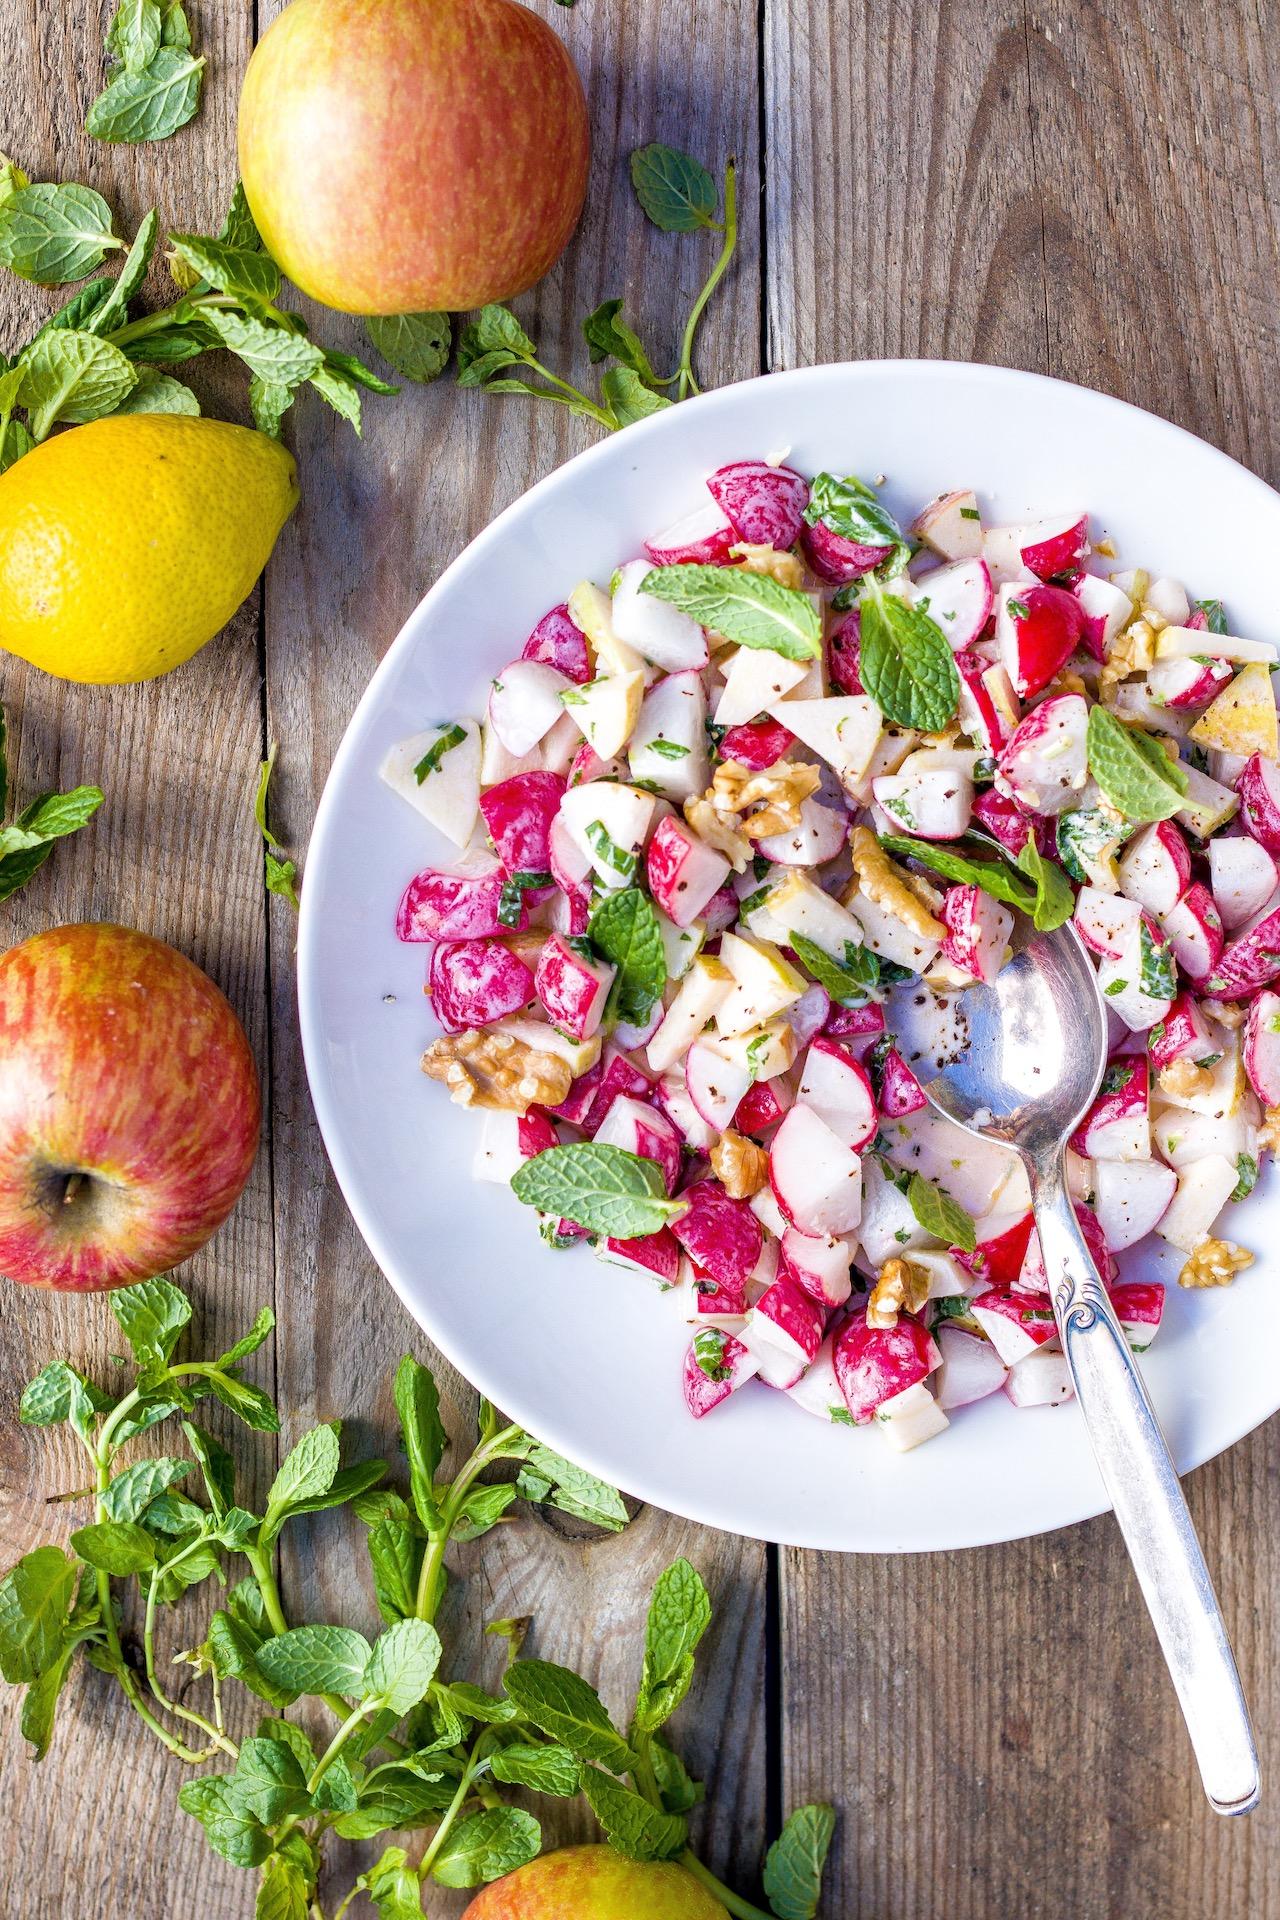 Schneller Salat aus Radieschen, Apfel und Walnüssen mit Minze. #salat #radieschen #lecker #einfach